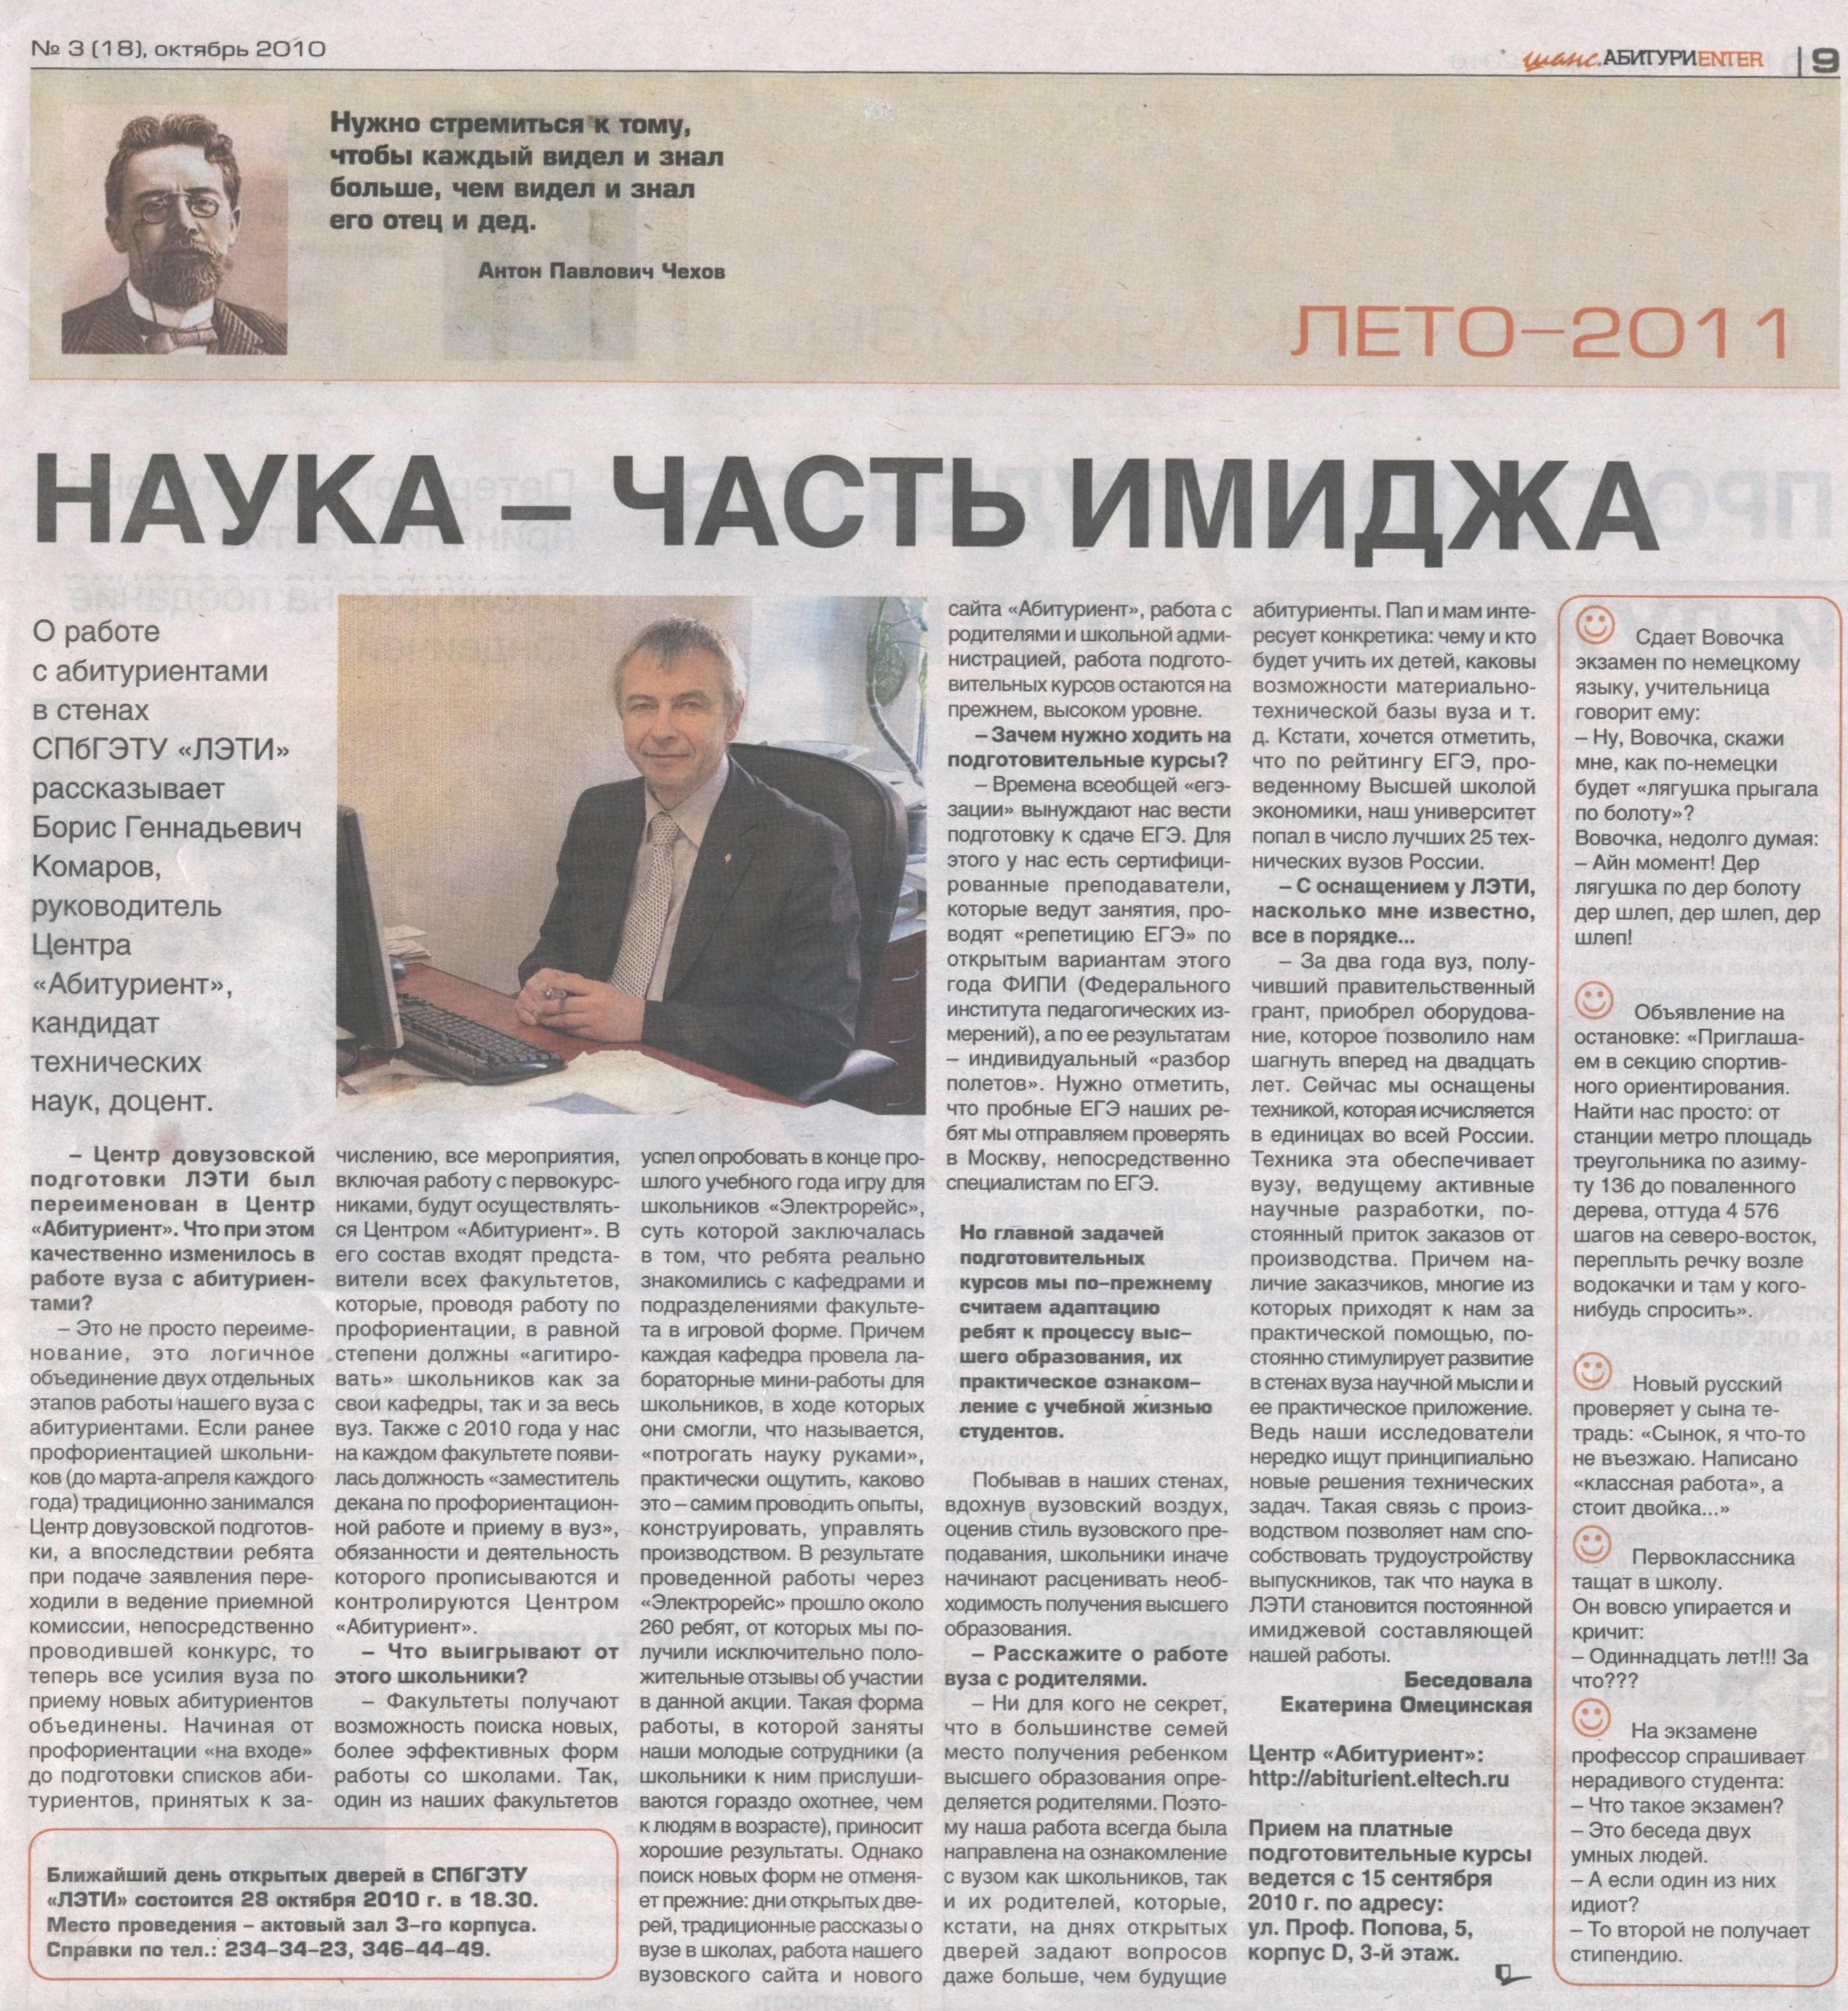 image Газета шанс санкт петербург знакомства